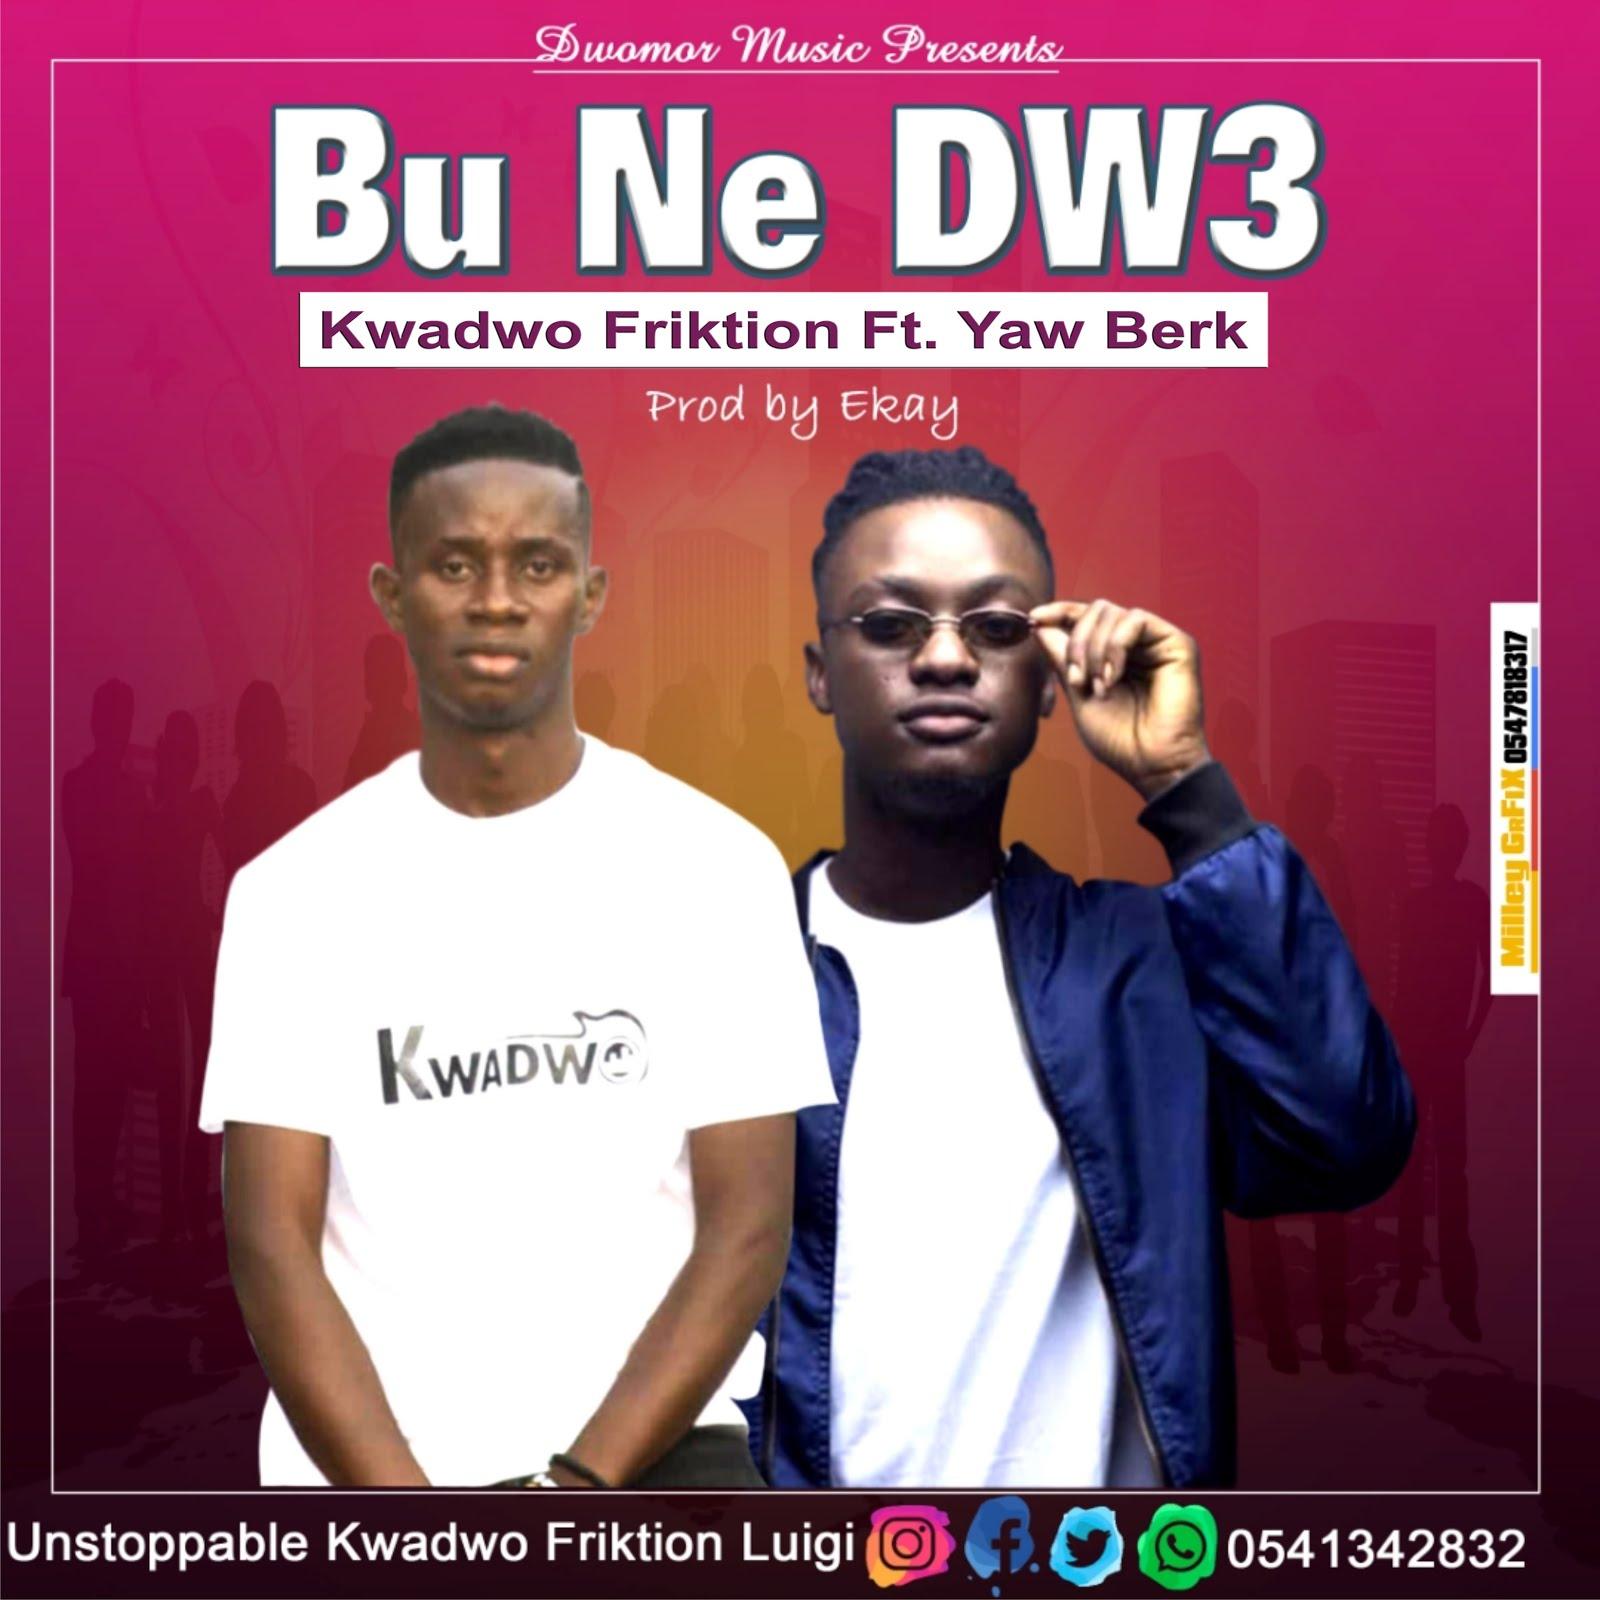 Kwadwo Friktion (Feat  Yaw Berk) - Bu Ne Dw3 (Prod by EKay) - Bangs